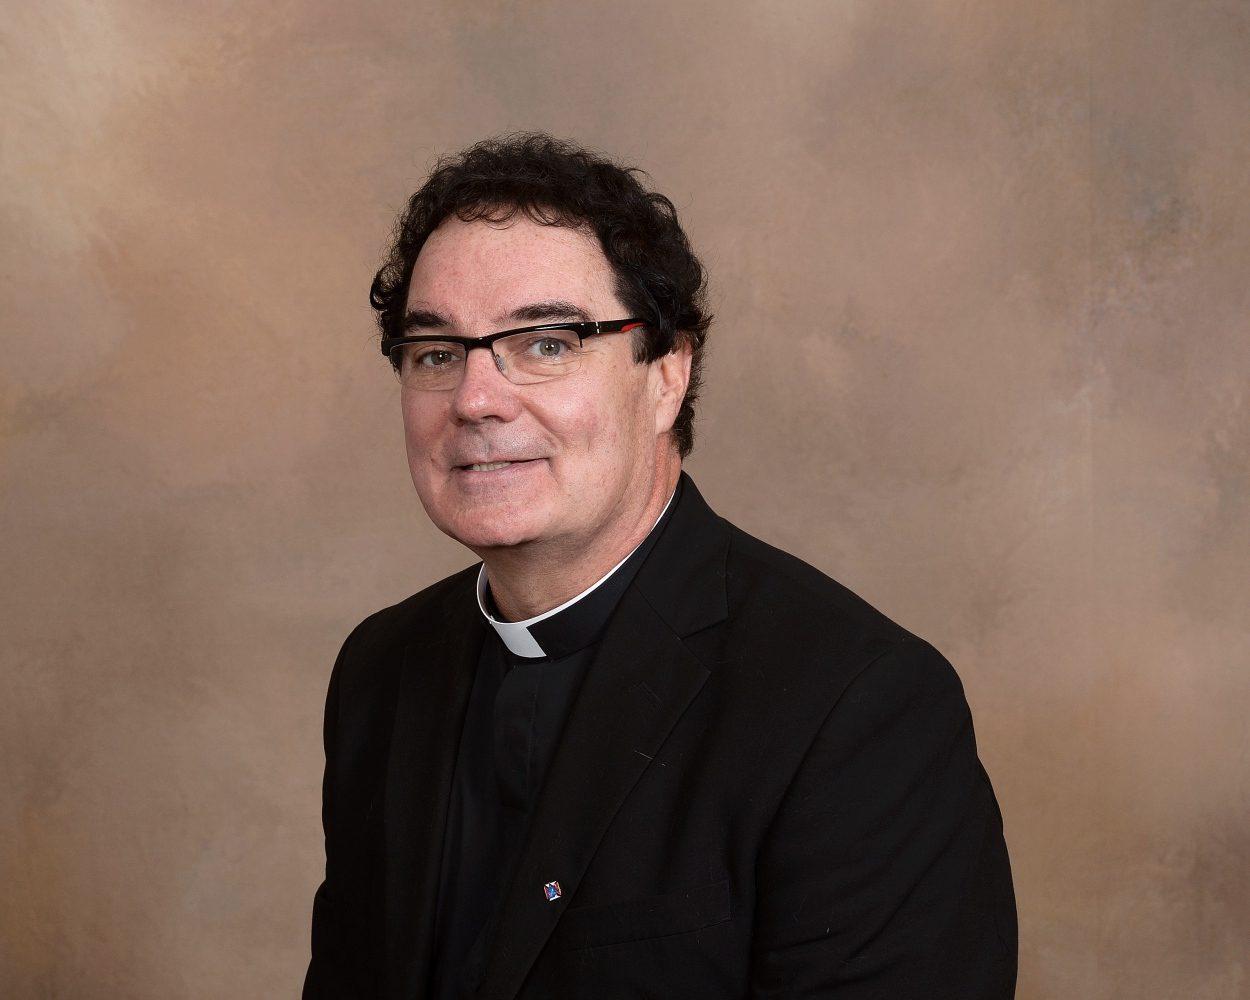 Fr. Paul D. MacNeil